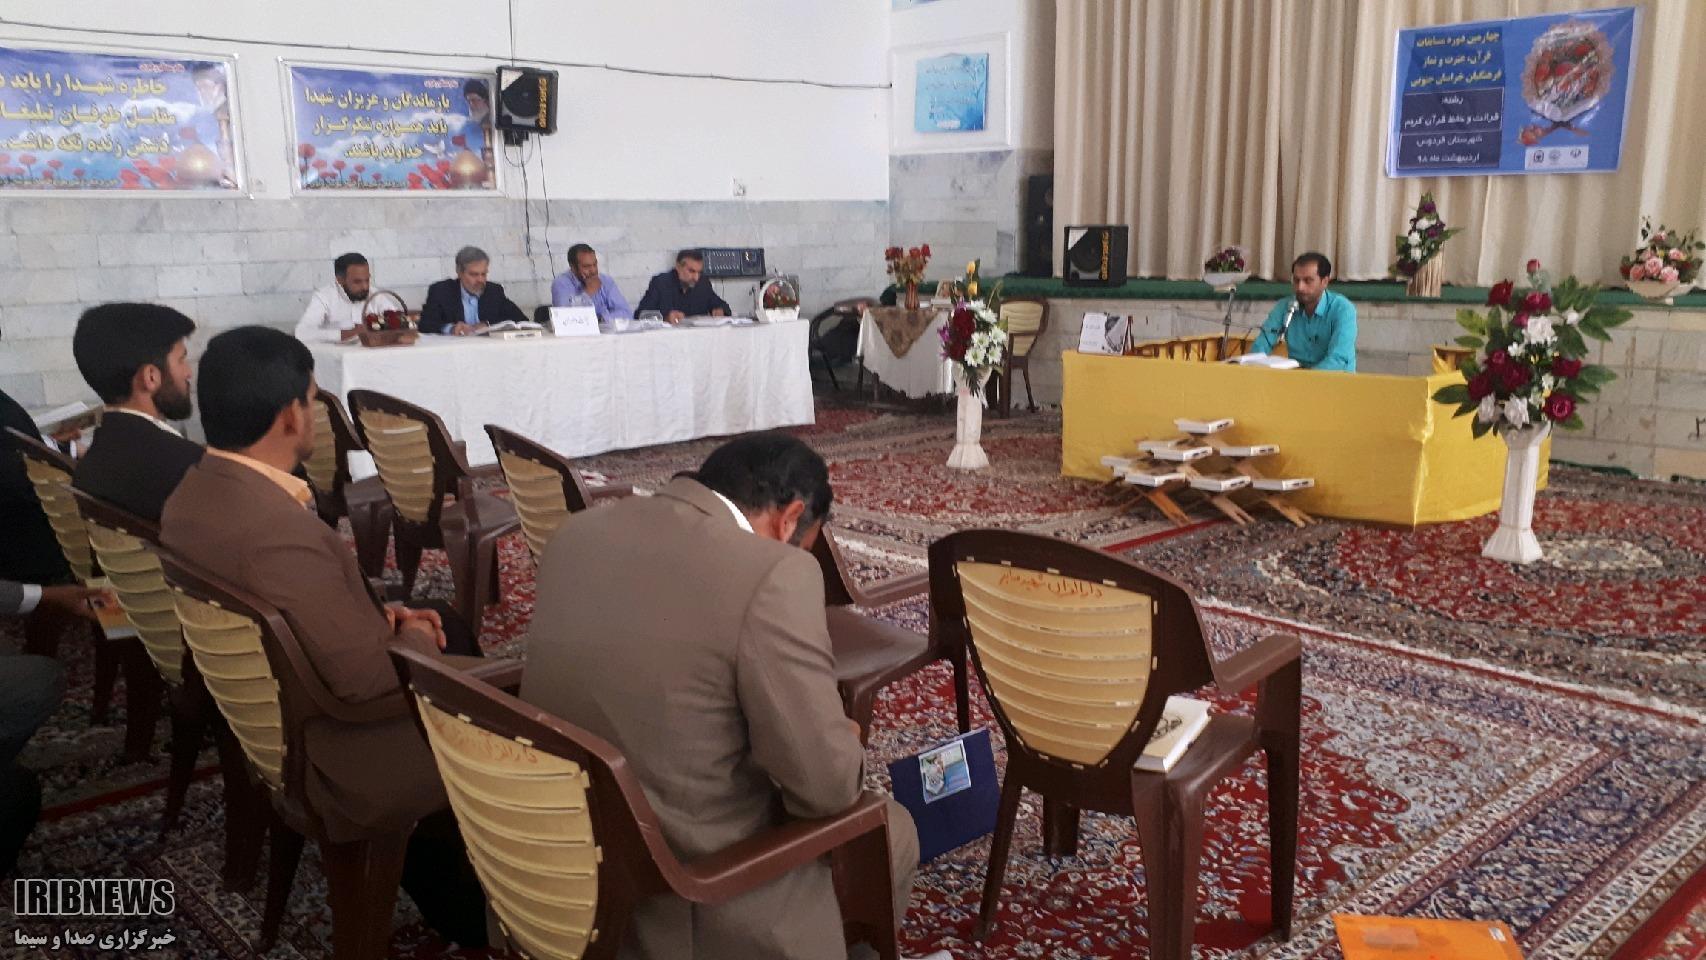 برگزاری مسابقات قرآن فرهنگیان خراسان جنوبی در فردوس